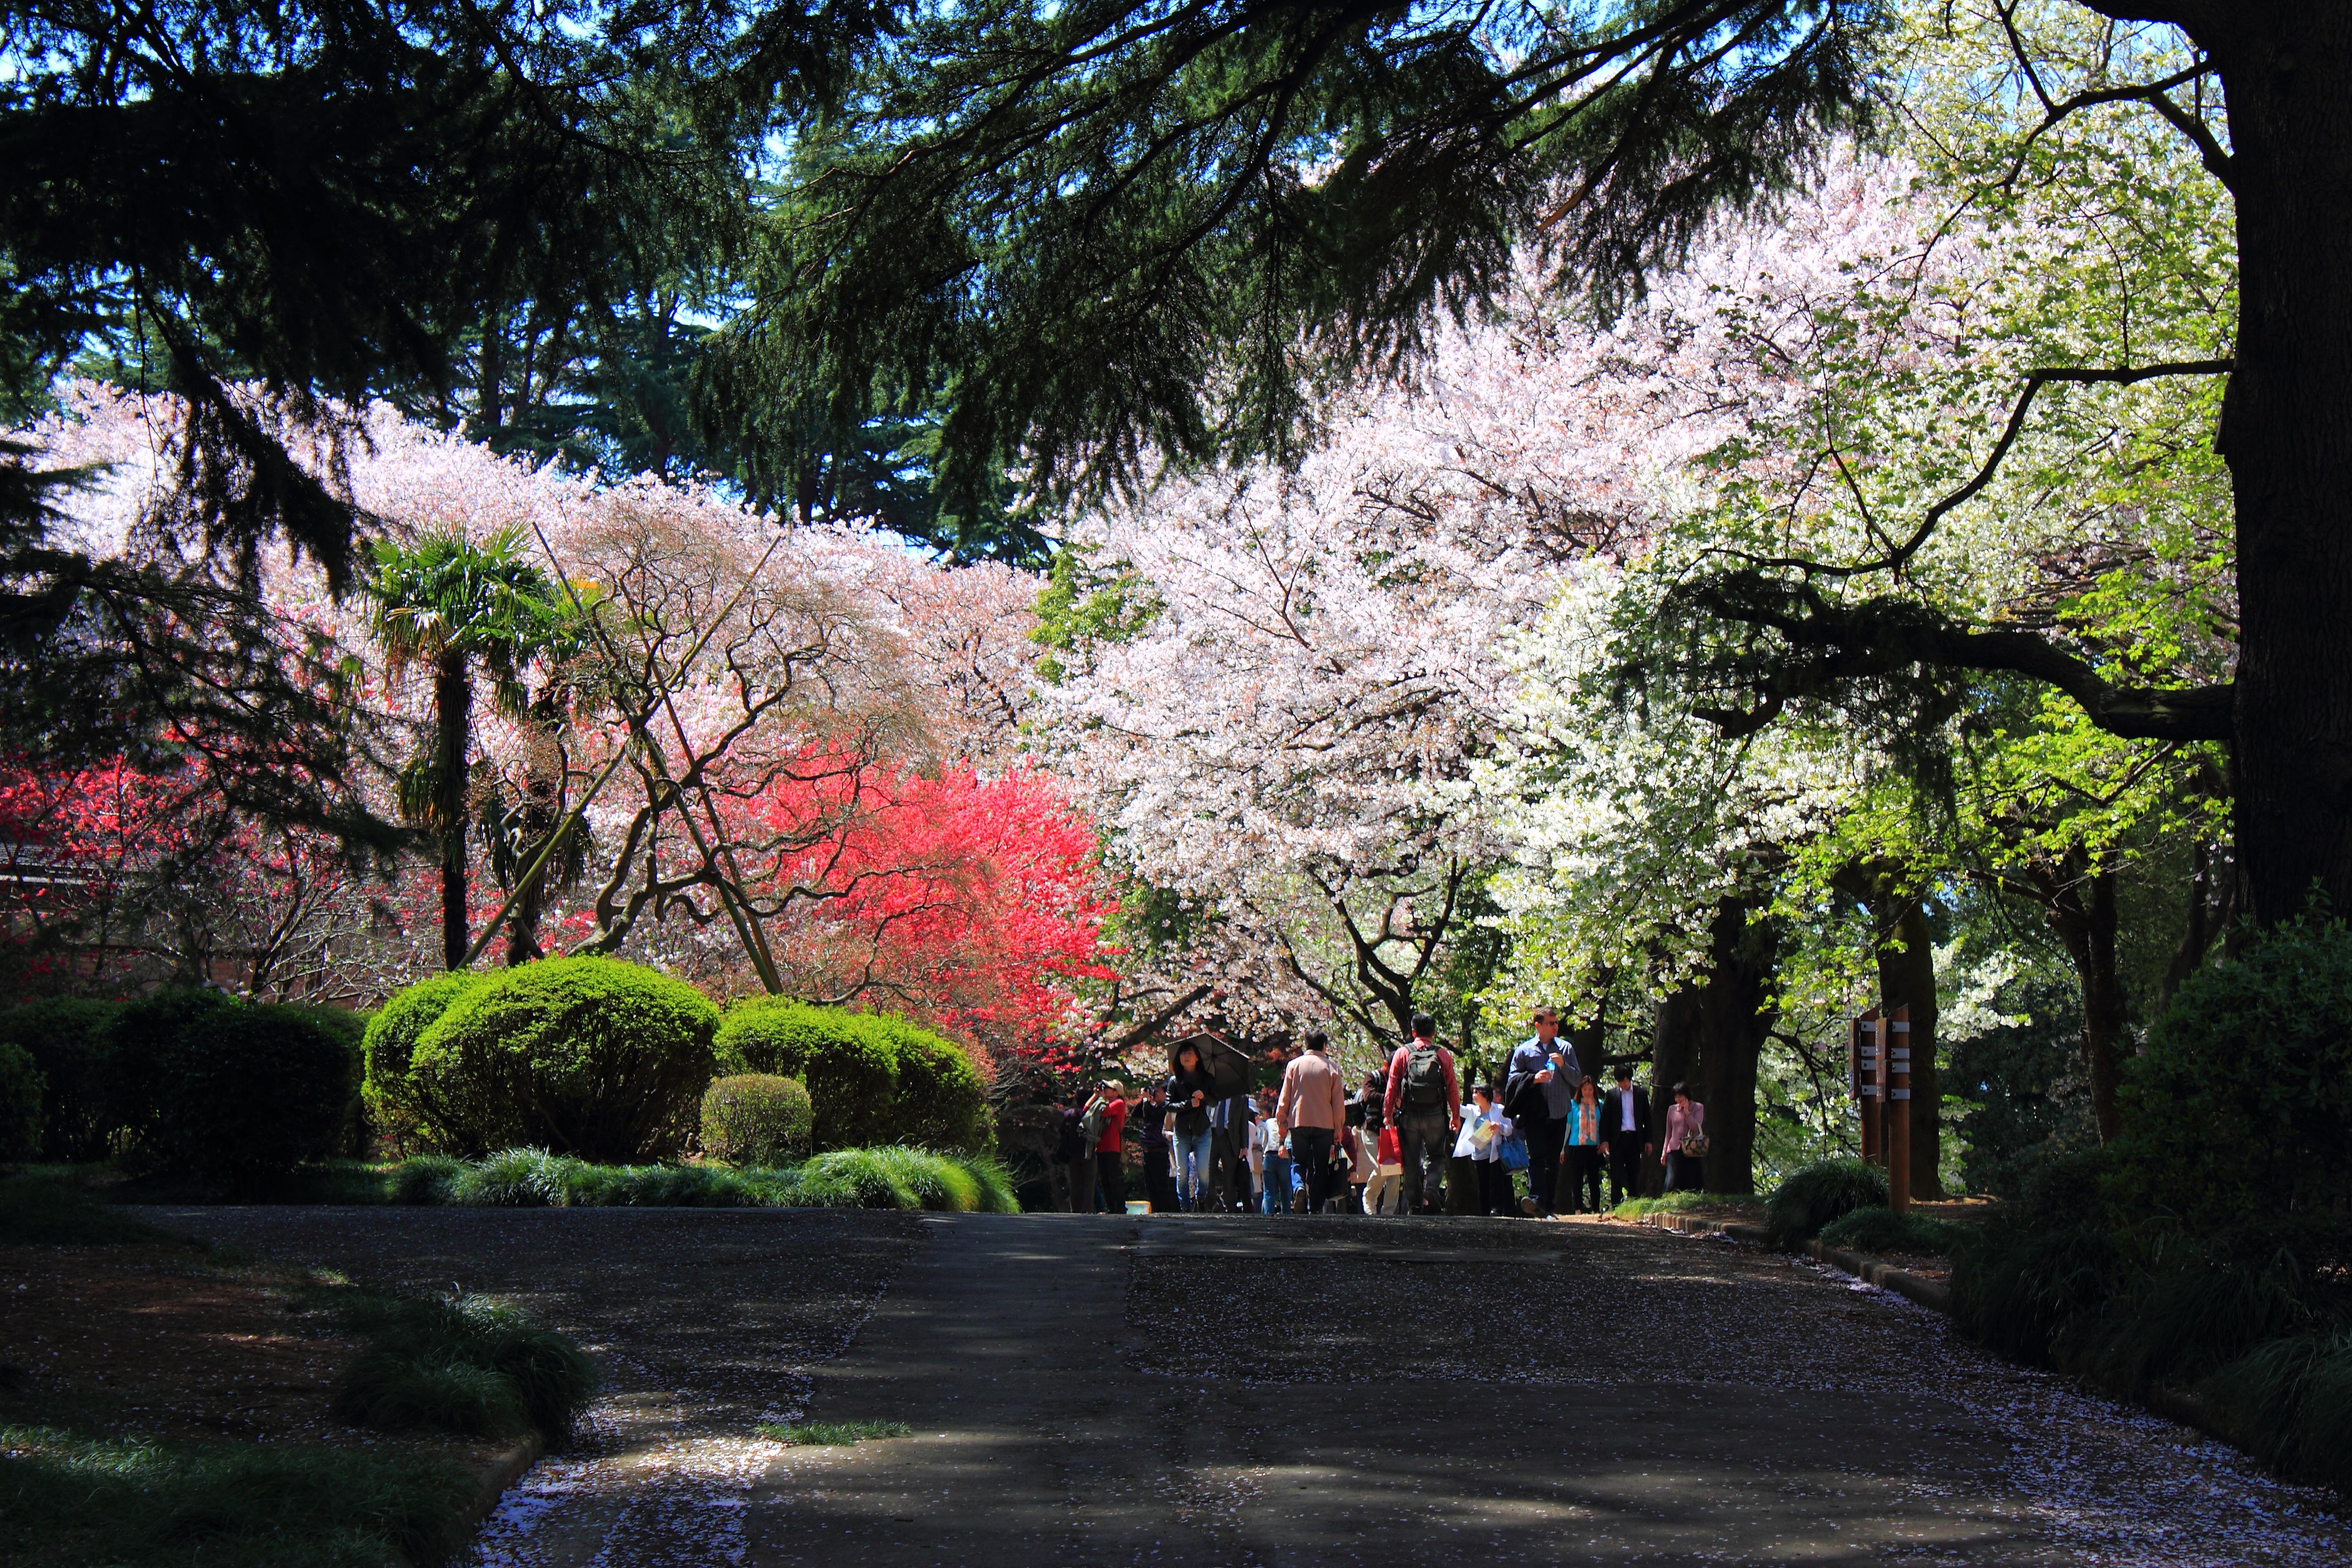 Shinjuku_Gyoen_National_Garden_-_sakura_6